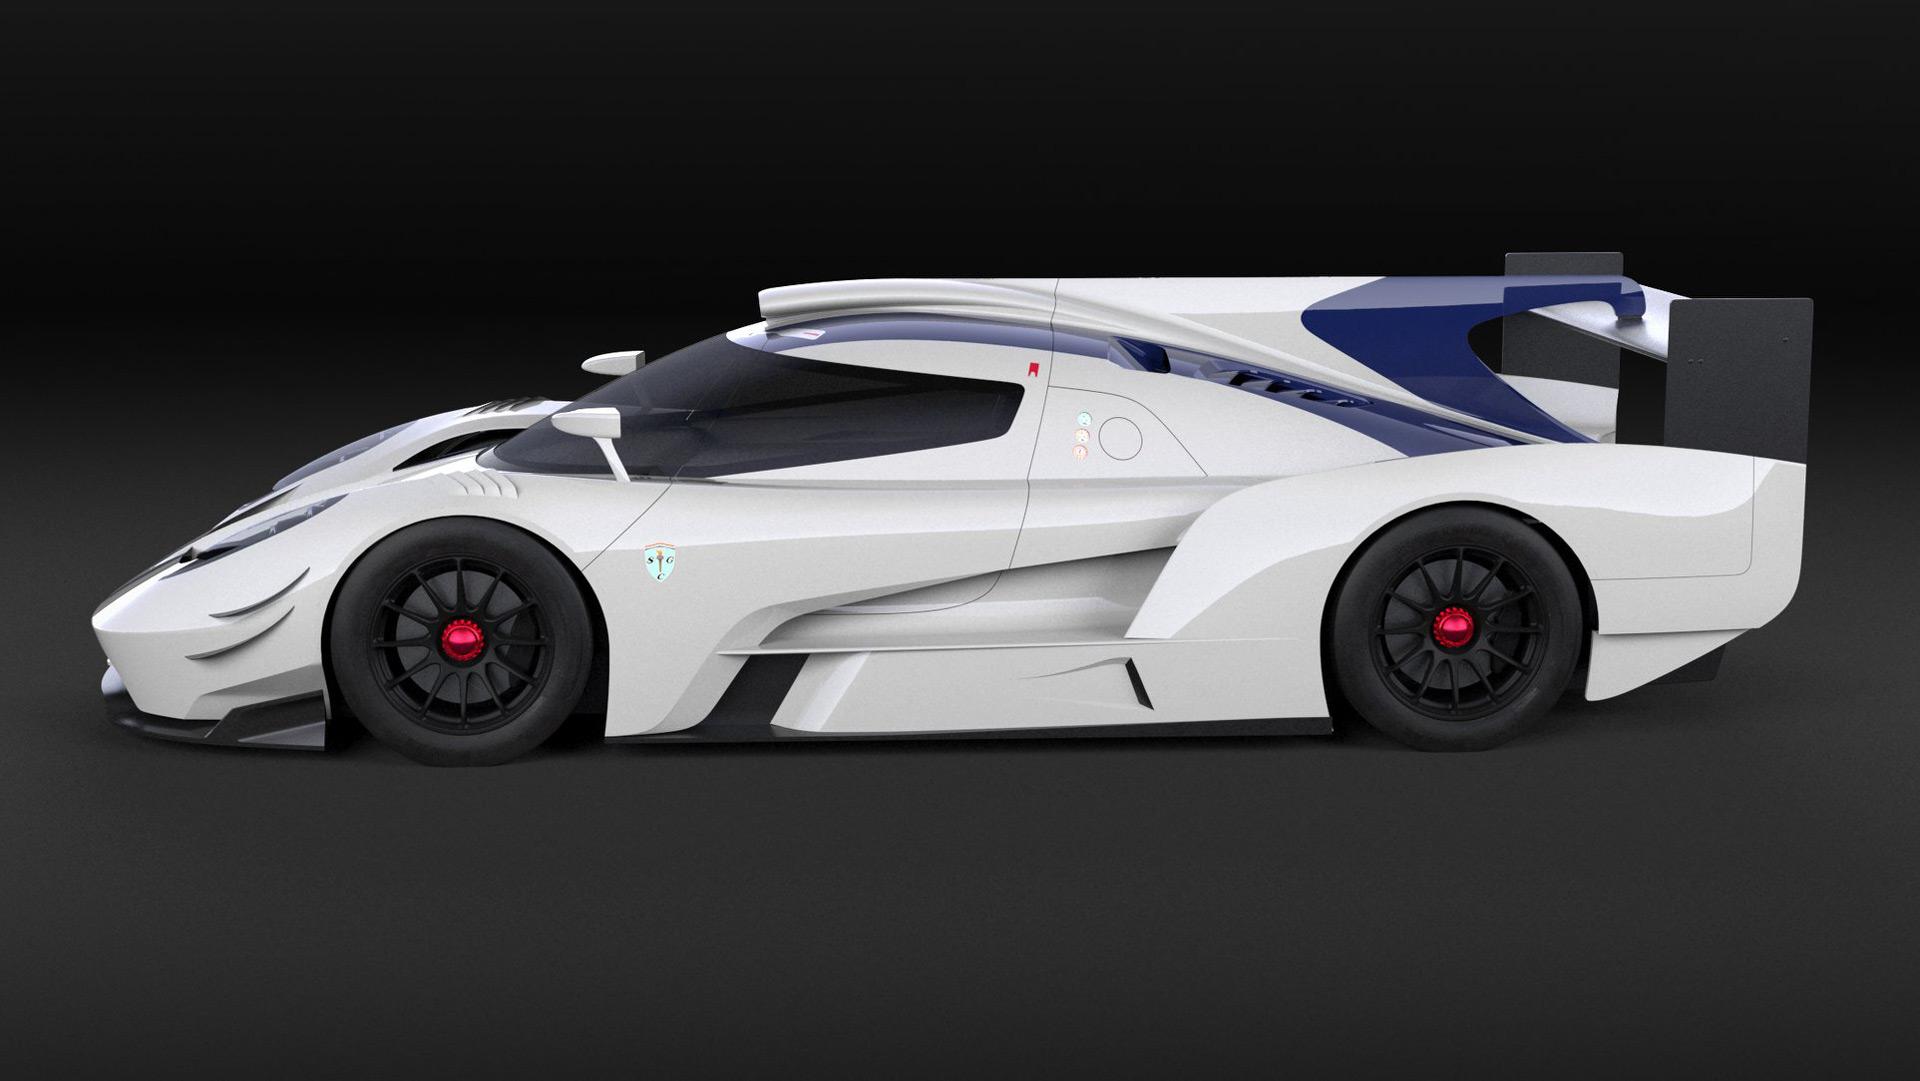 Scg 007 Hypercar Lamborghini Ring Record Porsche 718 Cayman Gt4 Today S Car News